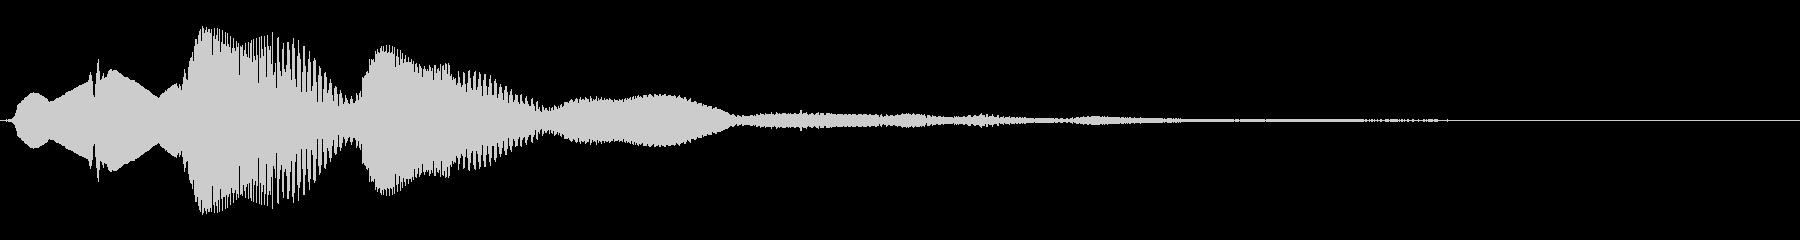 テロリン(ダイアログ閉じる_02)の未再生の波形